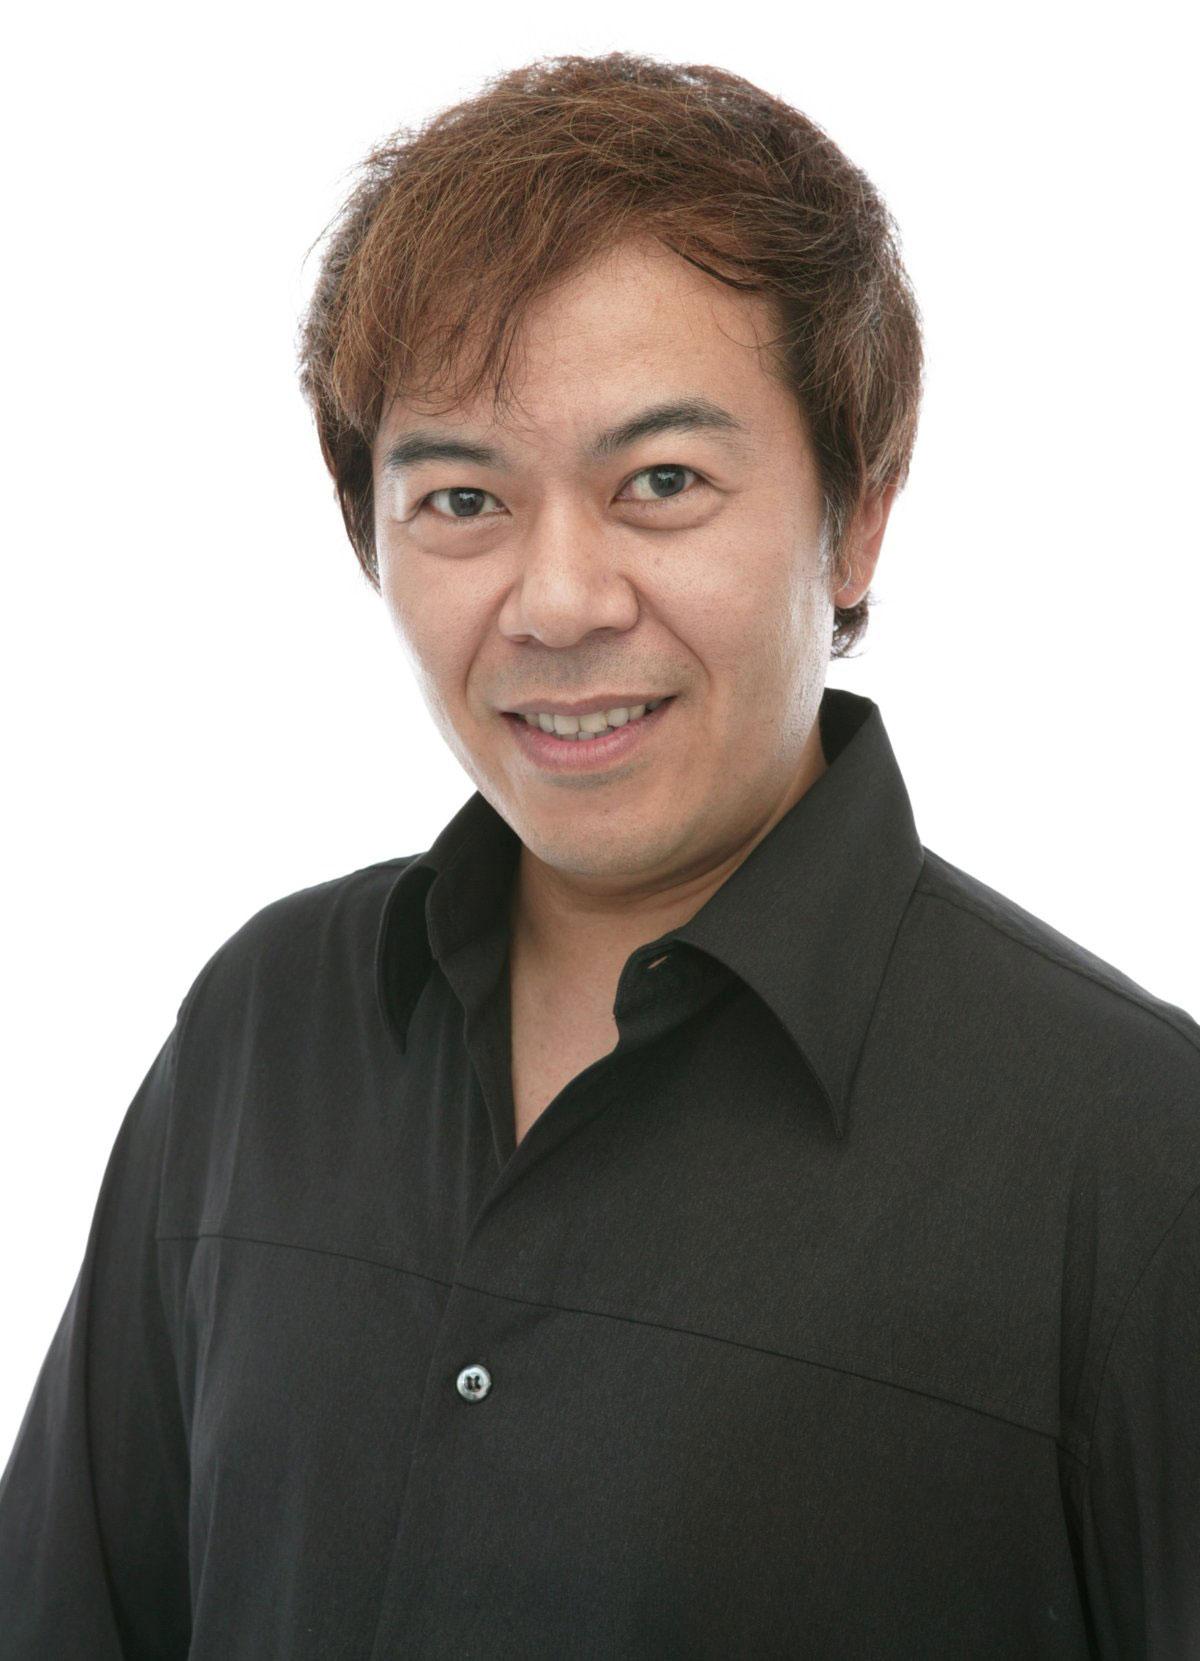 Nobutoshi Kanna